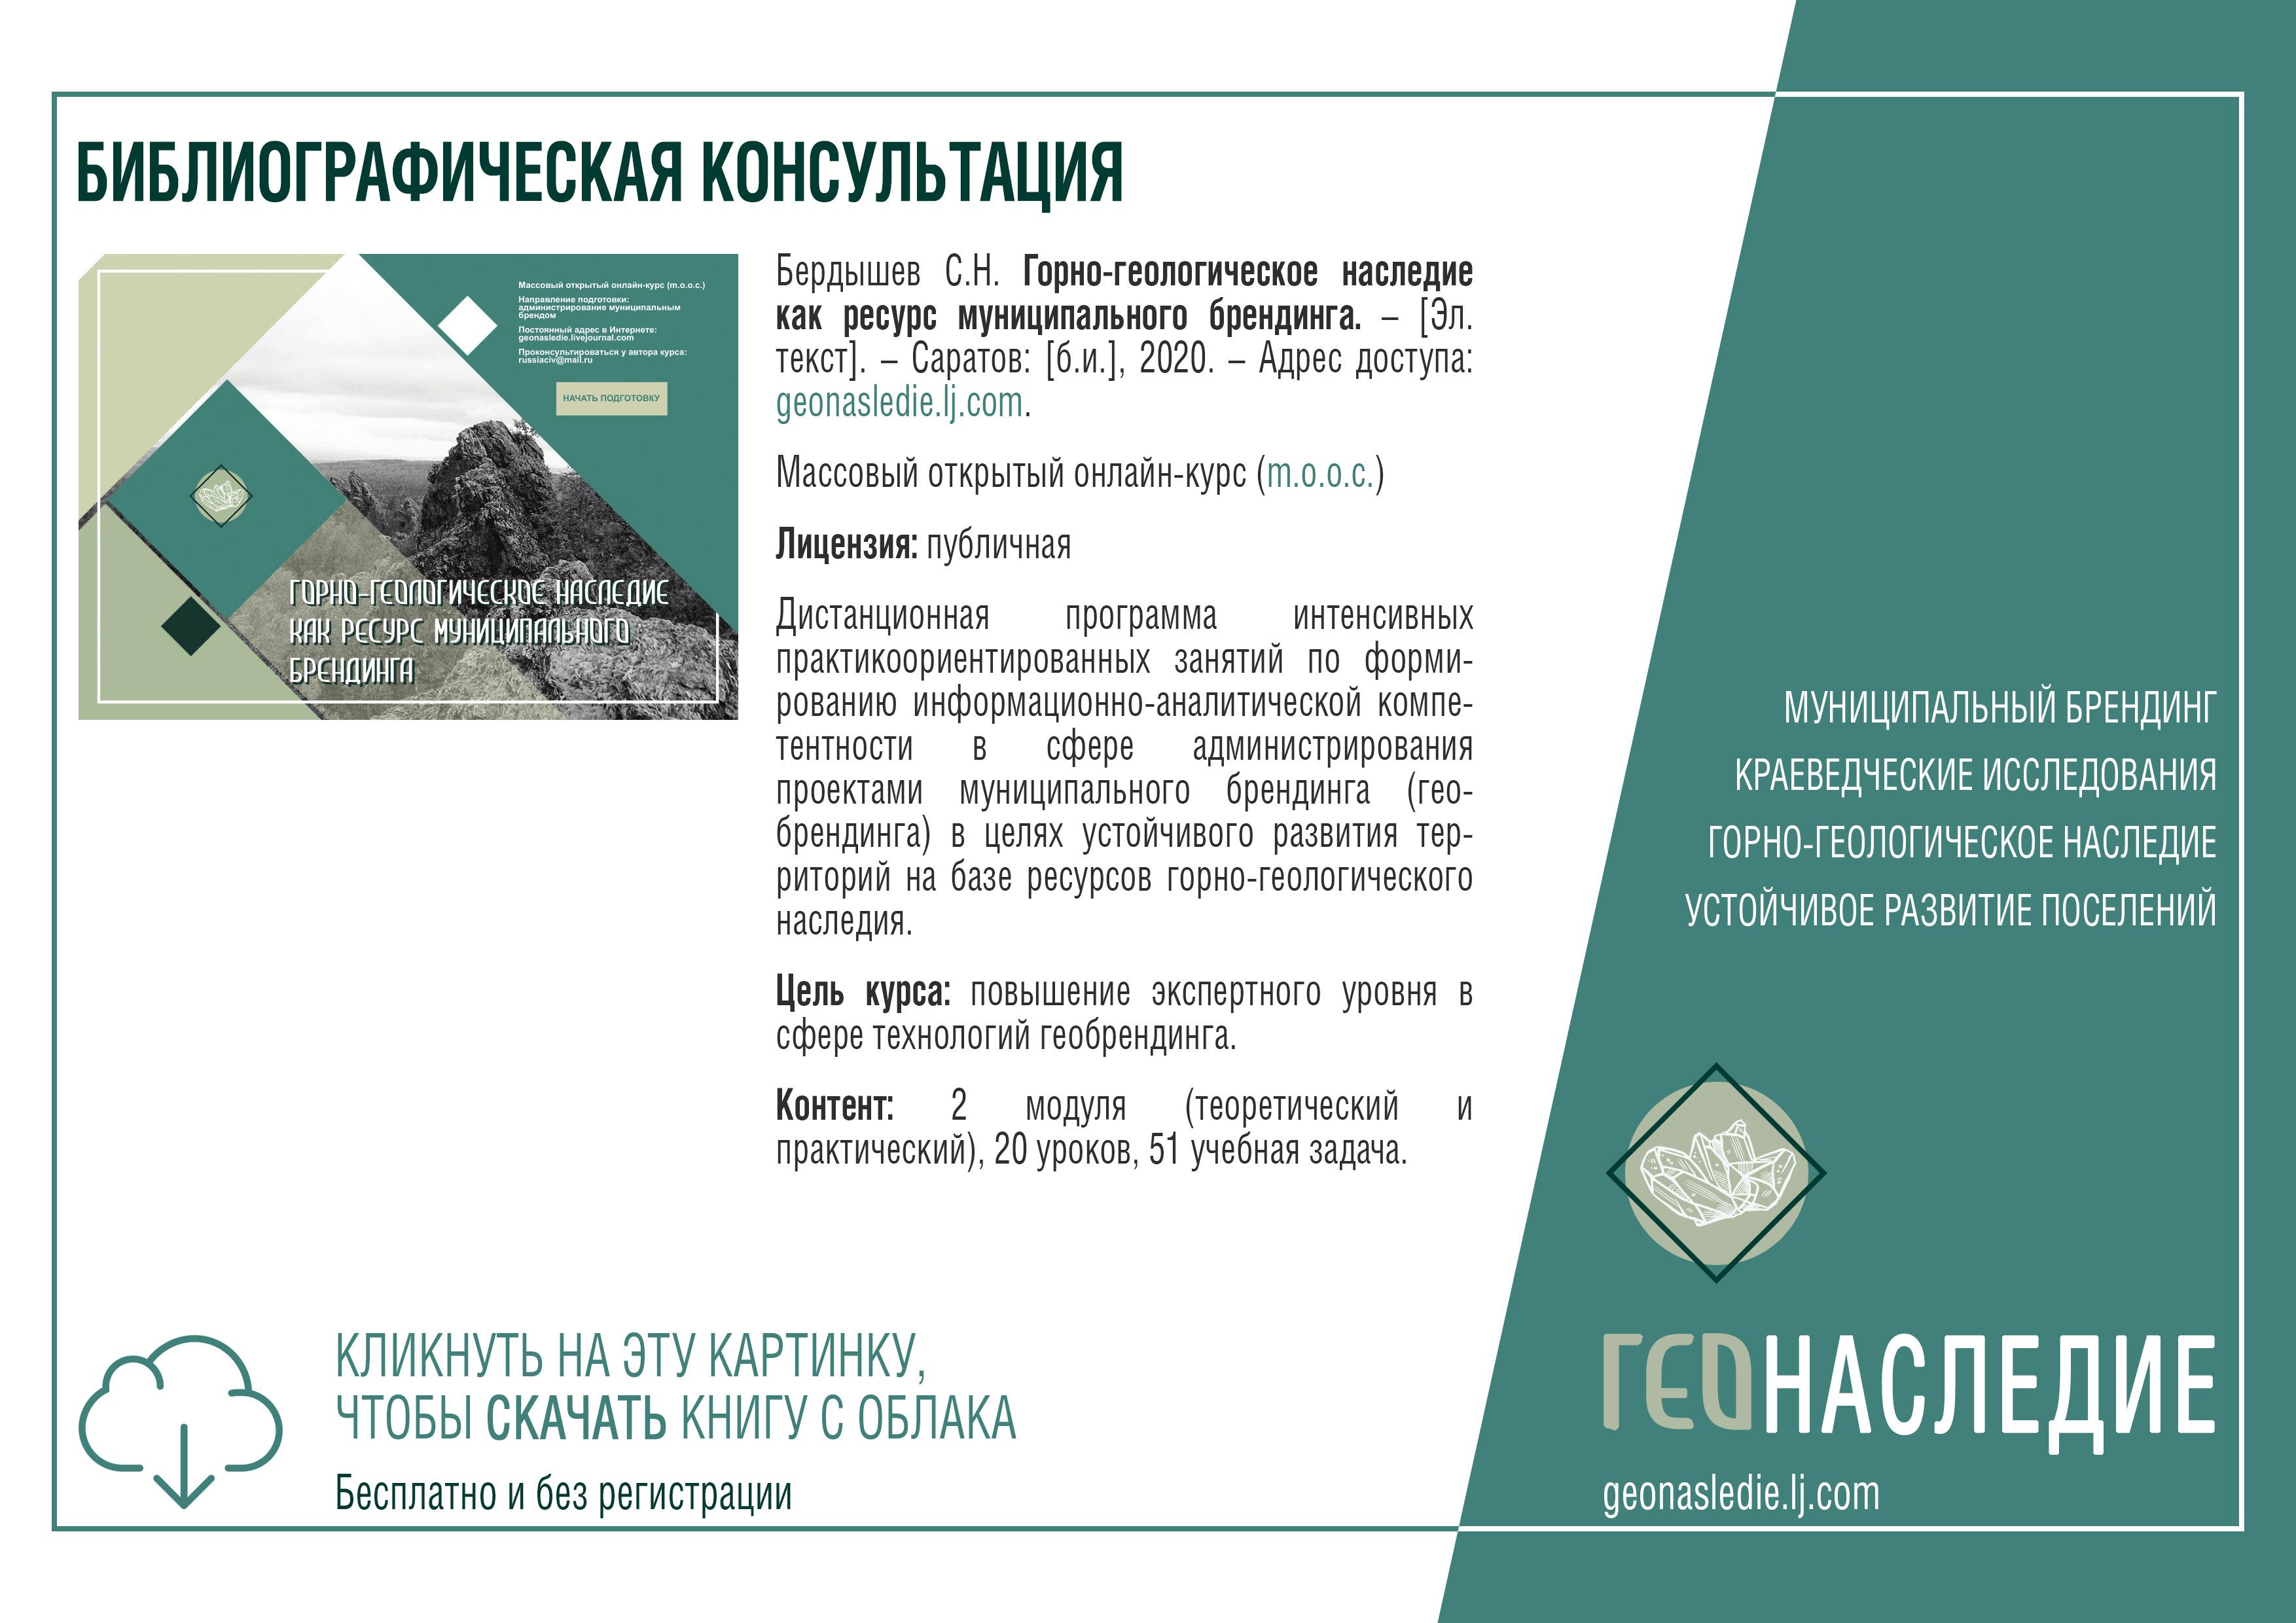 Горно-геологическое наследие как ресурс муниципального брендинга